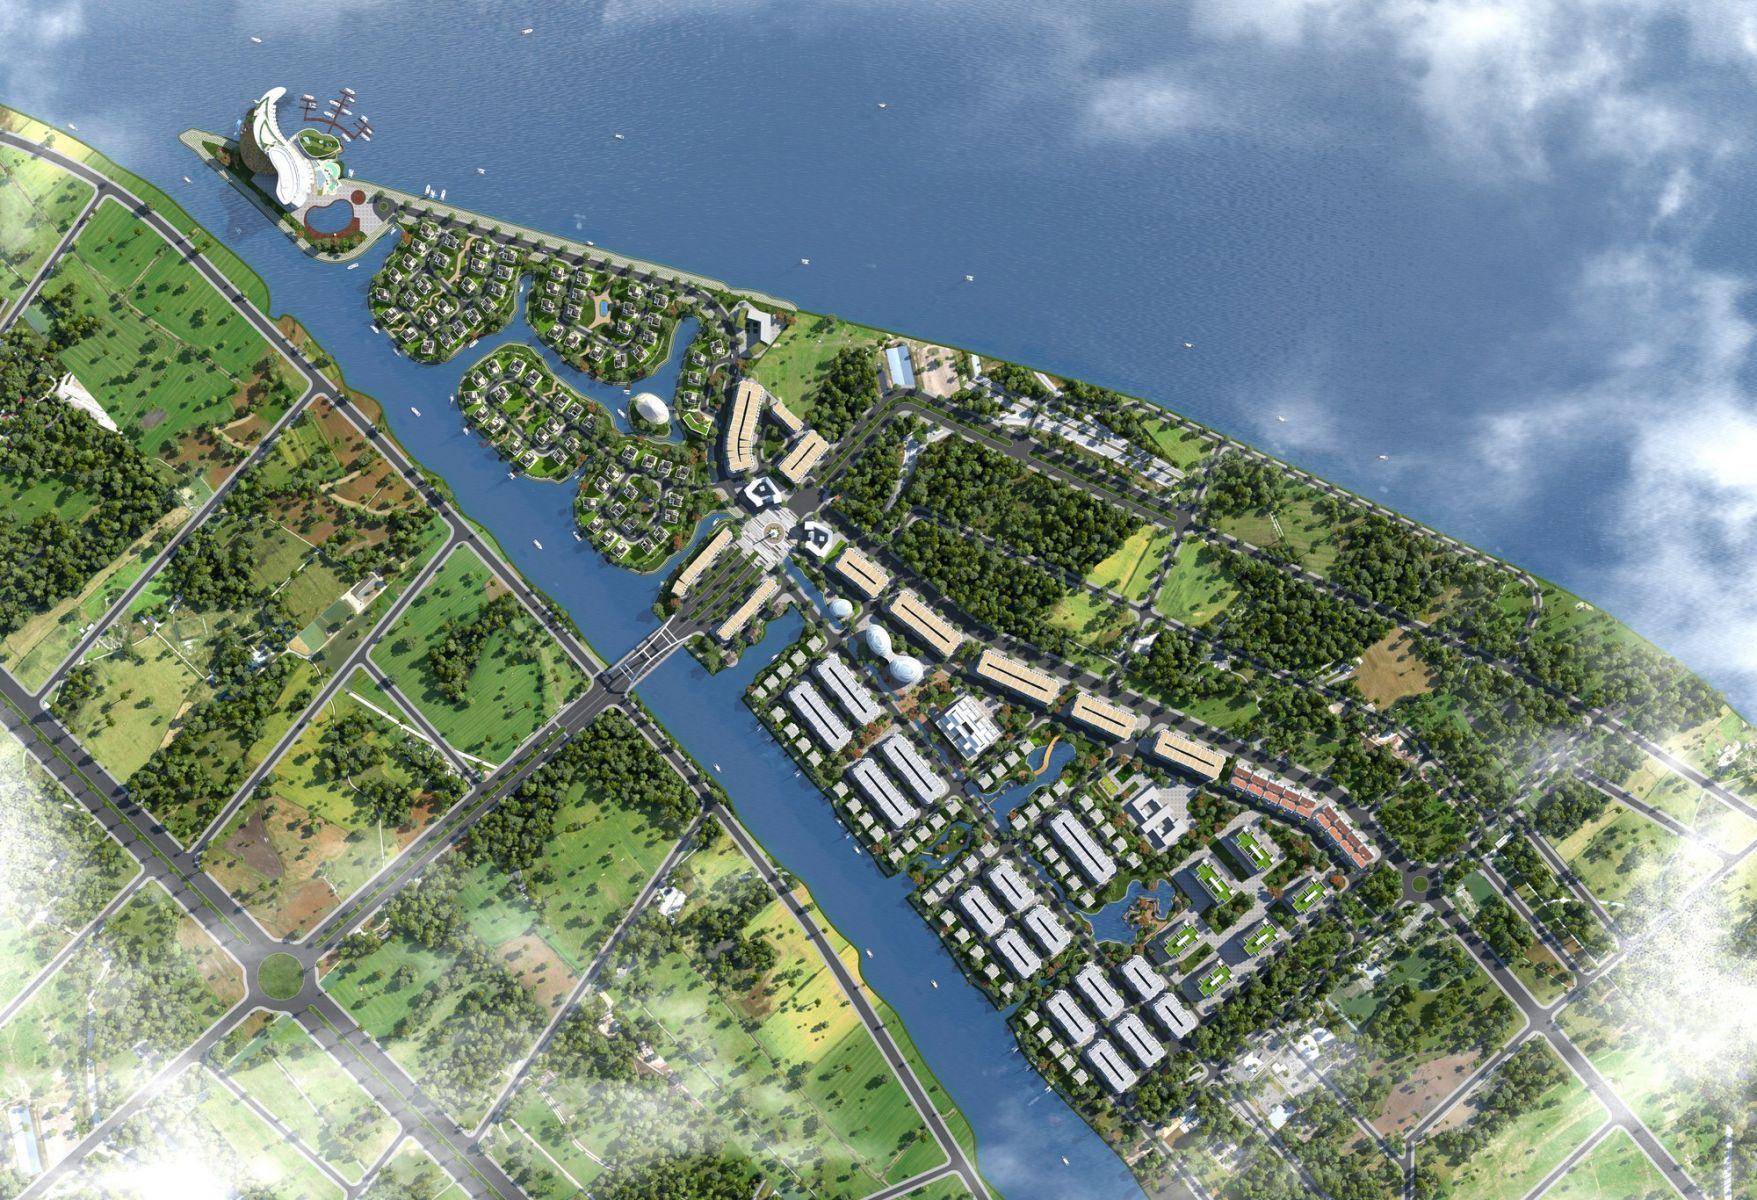 Tư vấn thẩm tra thiết kế cơ sở và thiết kế kỹ thuật Dự Án Khu đô thị mới Cồn Khương, Cần Thơ